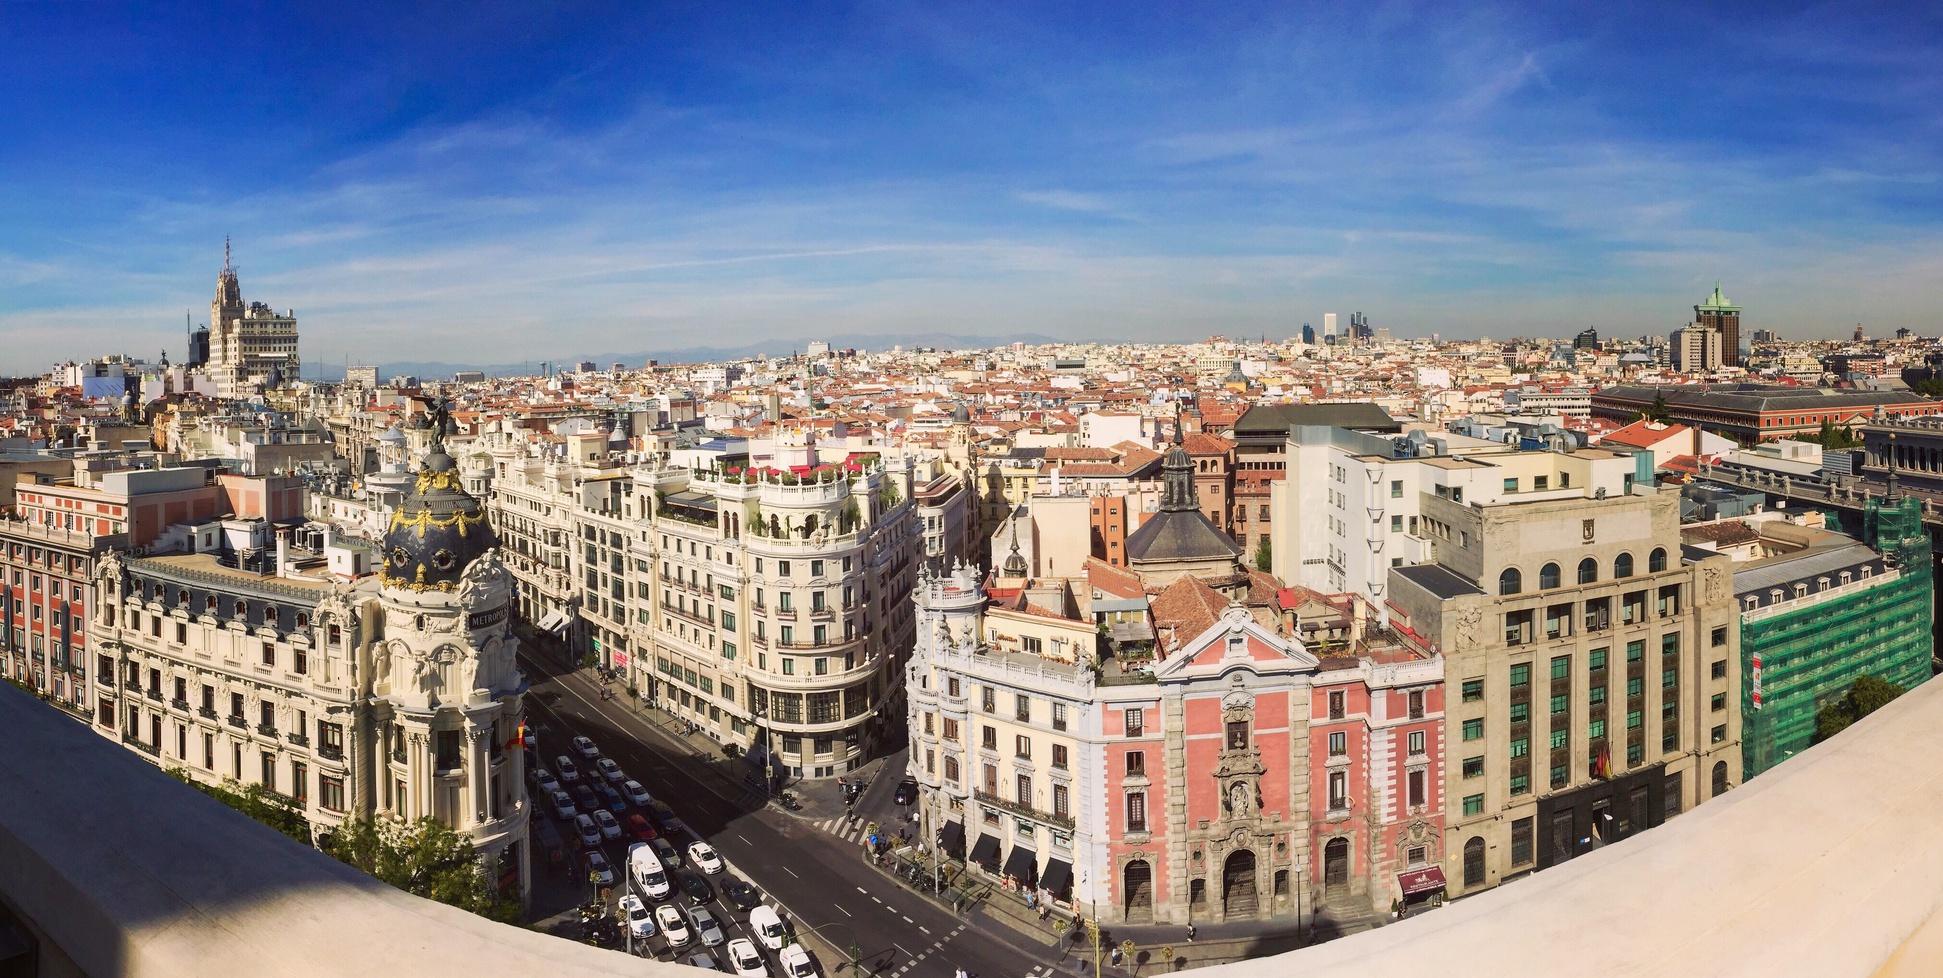 Skyline von Madrid. Panorama der Hauptstadt von Spanien.